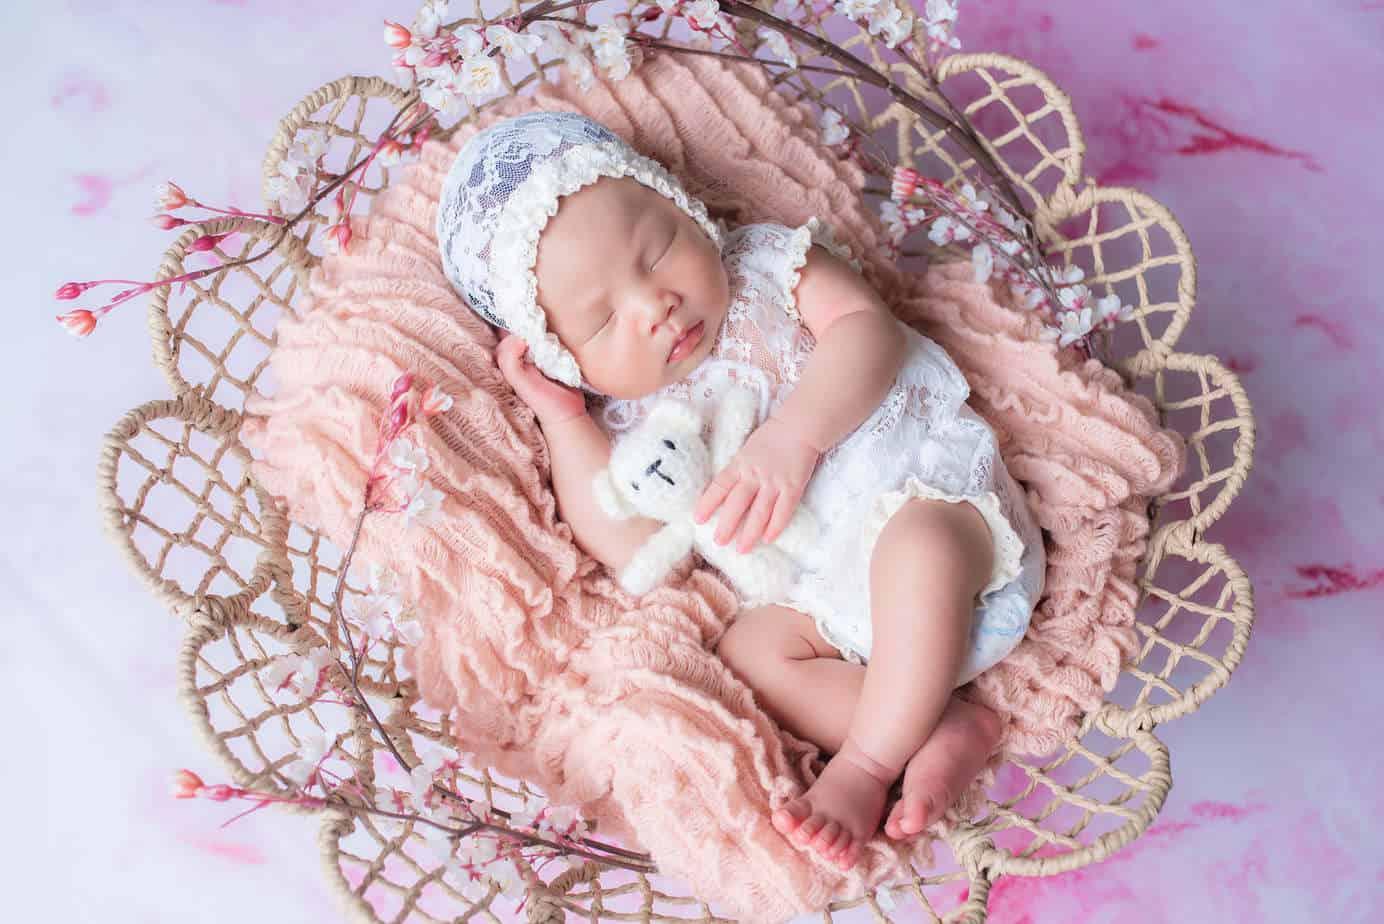 Top 10 Studio Chụp Ảnh Cho Bé Sơ Sinh Tại Nhà Được Yêu Thích Nhất - studio chụp ảnh cho bé sơ sinh tại nhà - Aloha Baby Studio | Ảnh Viện Suri Việt Nam | Bống Baby House 69